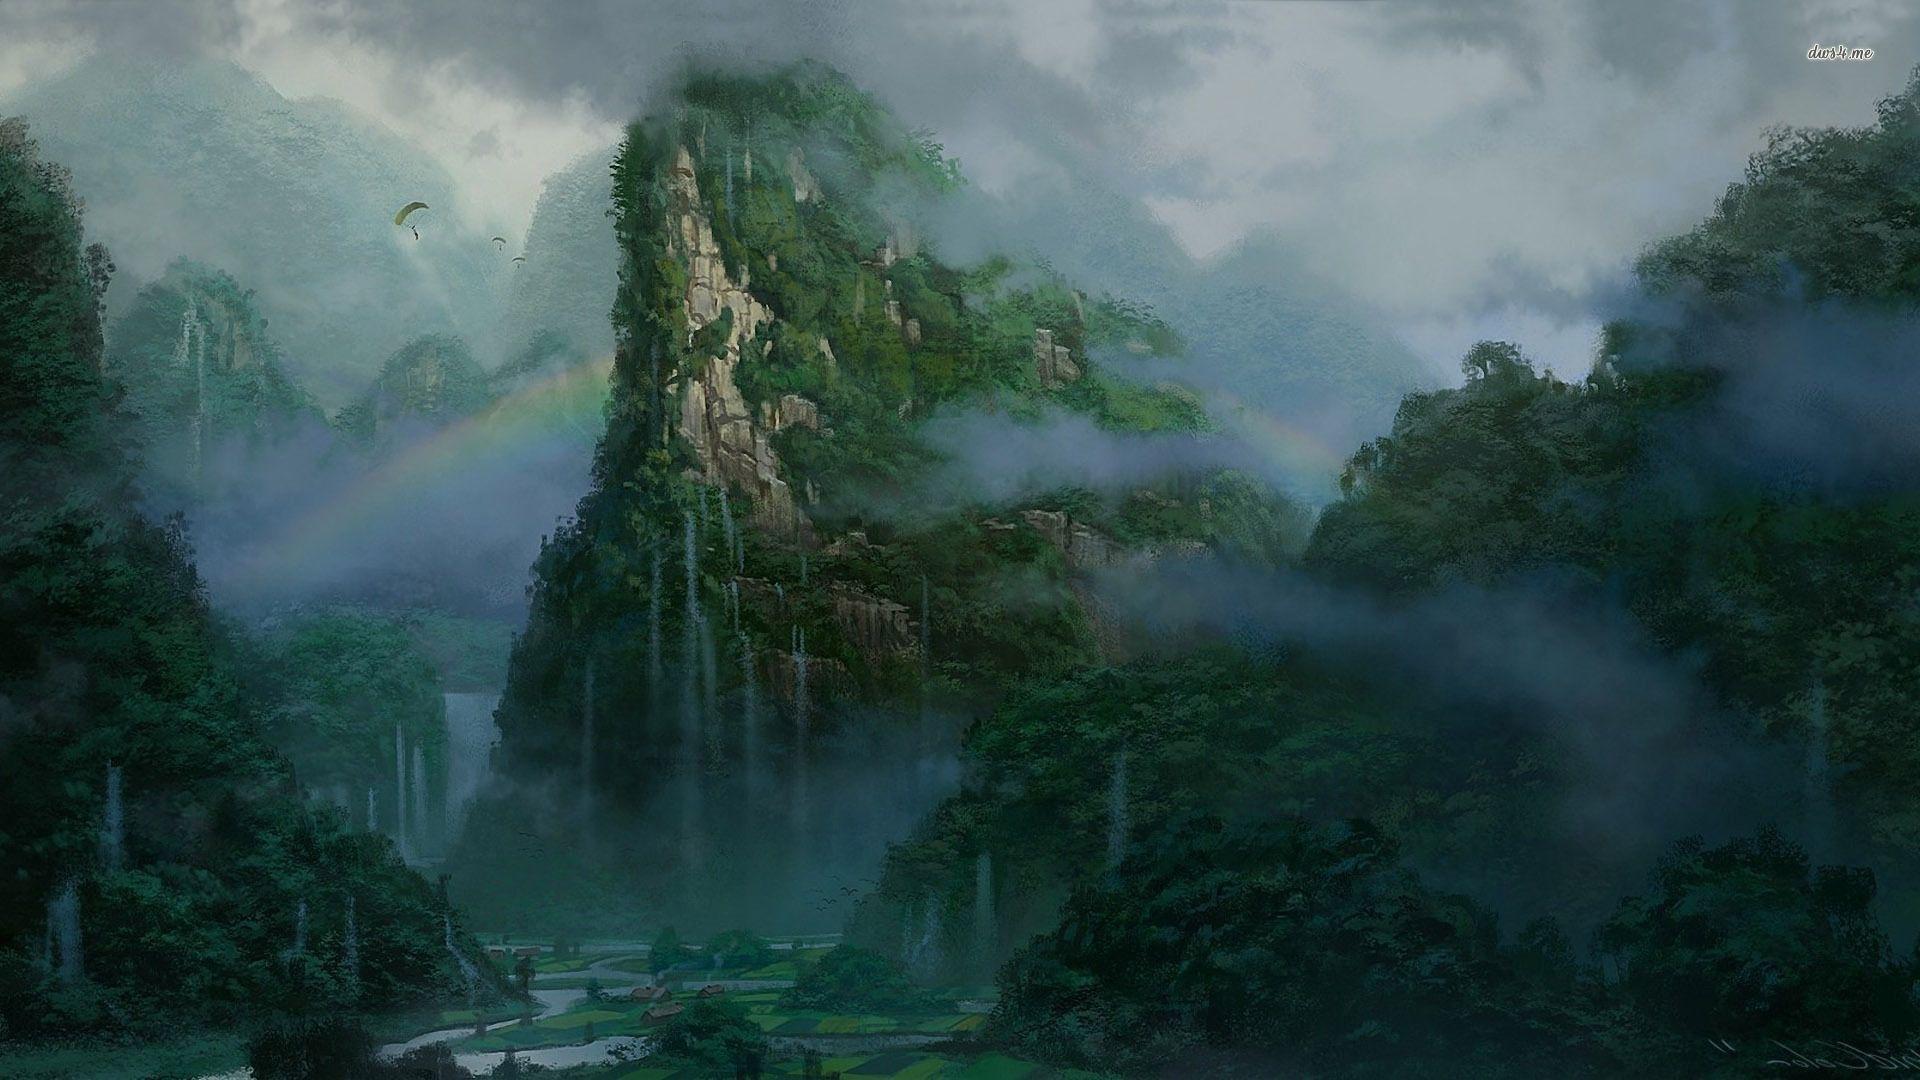 Misty alien jungle Nature paintings, Landscape paintings